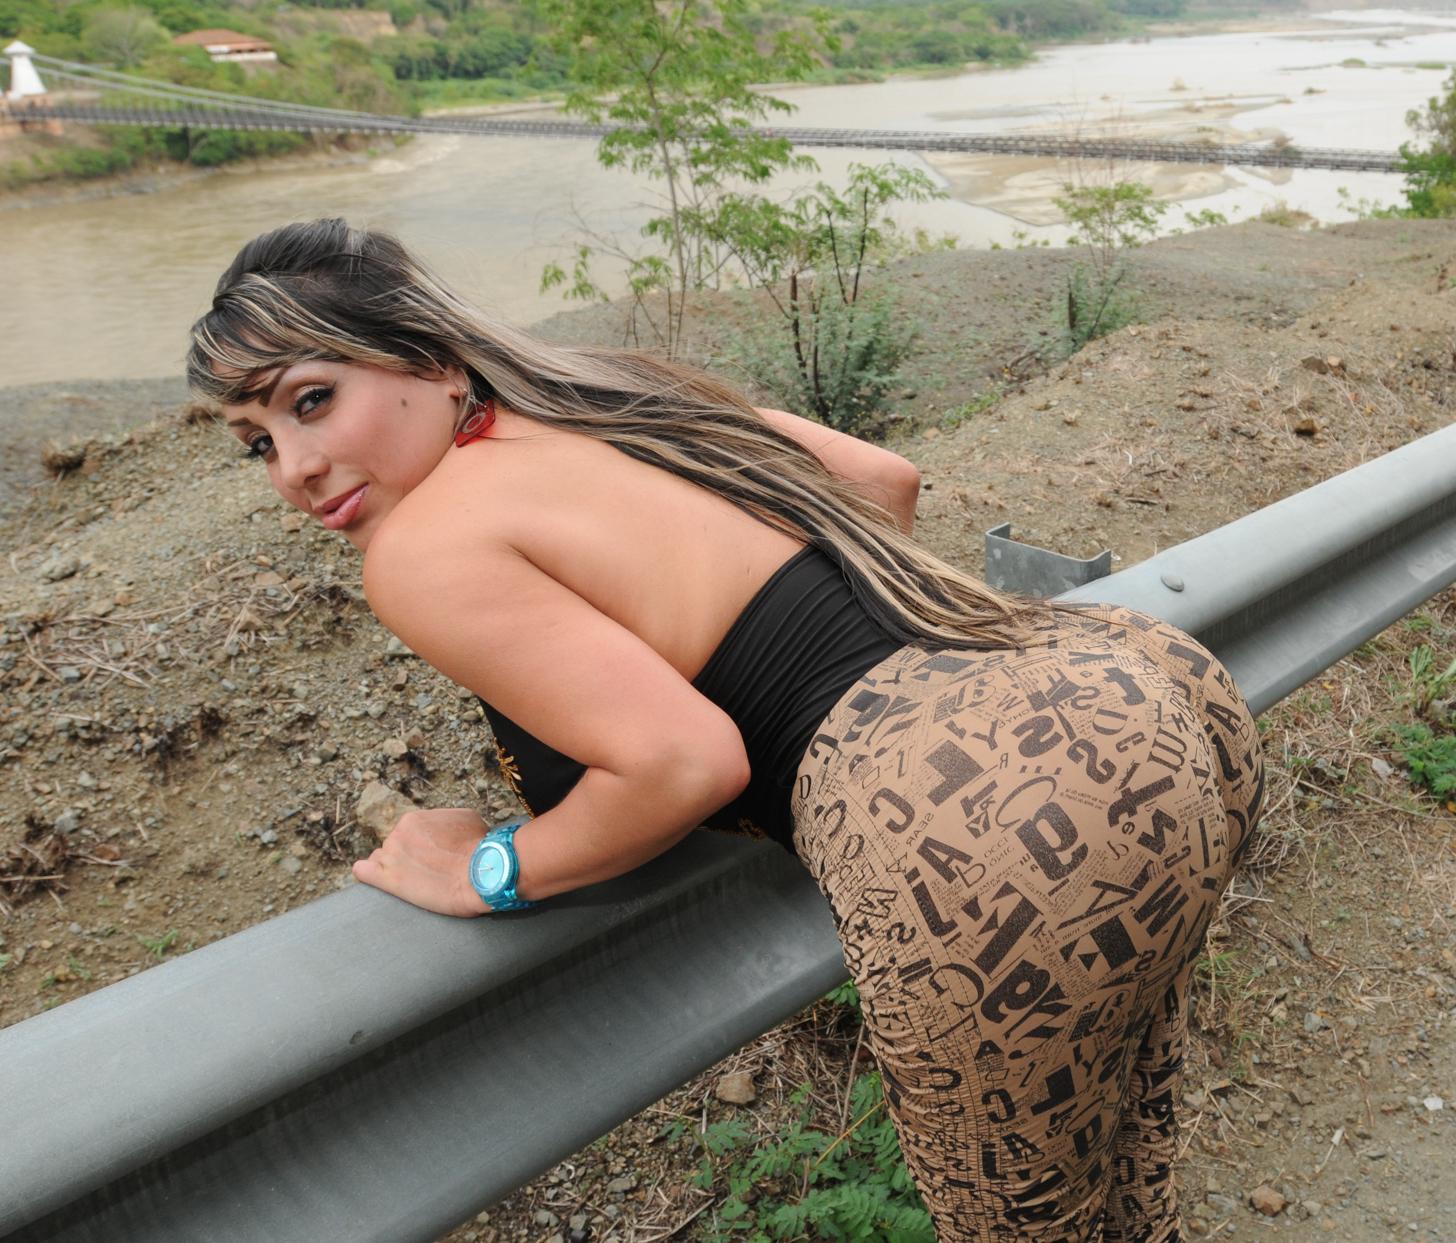 dorozhnie-prostitutki